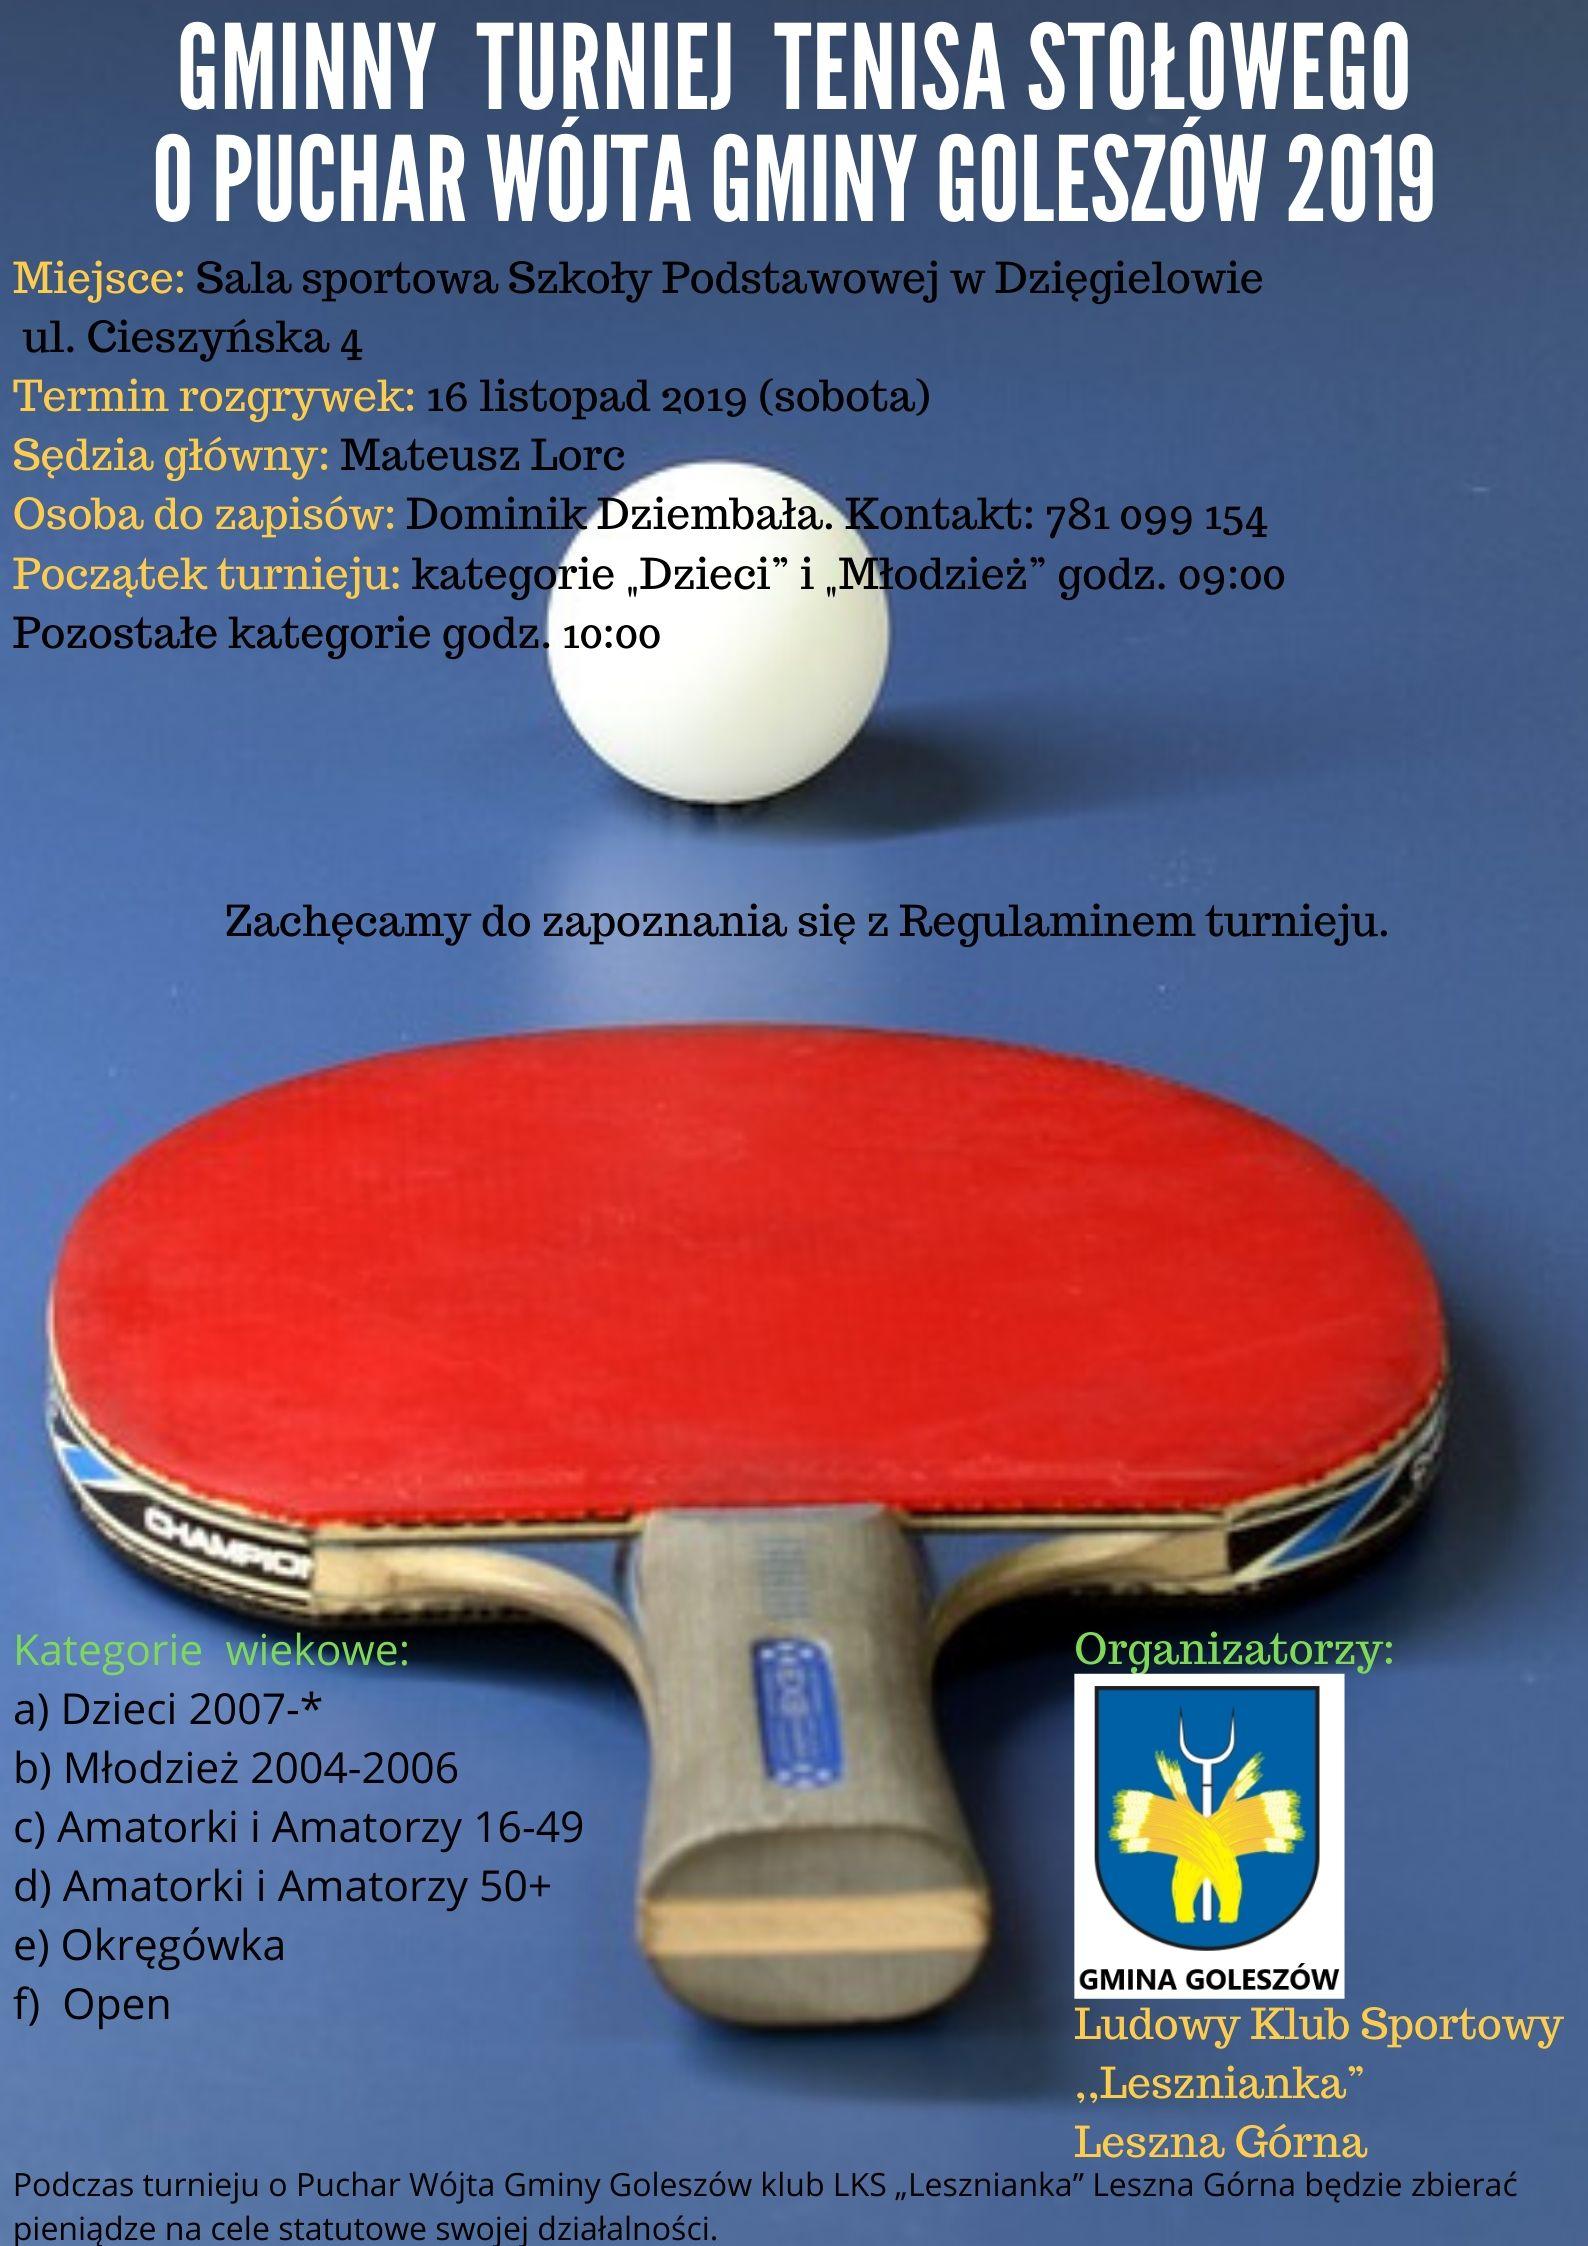 Plakat turnieju Gminny Turniej Tenisa Stołowego o Puchar Wójta Gminy Goleszów 2019